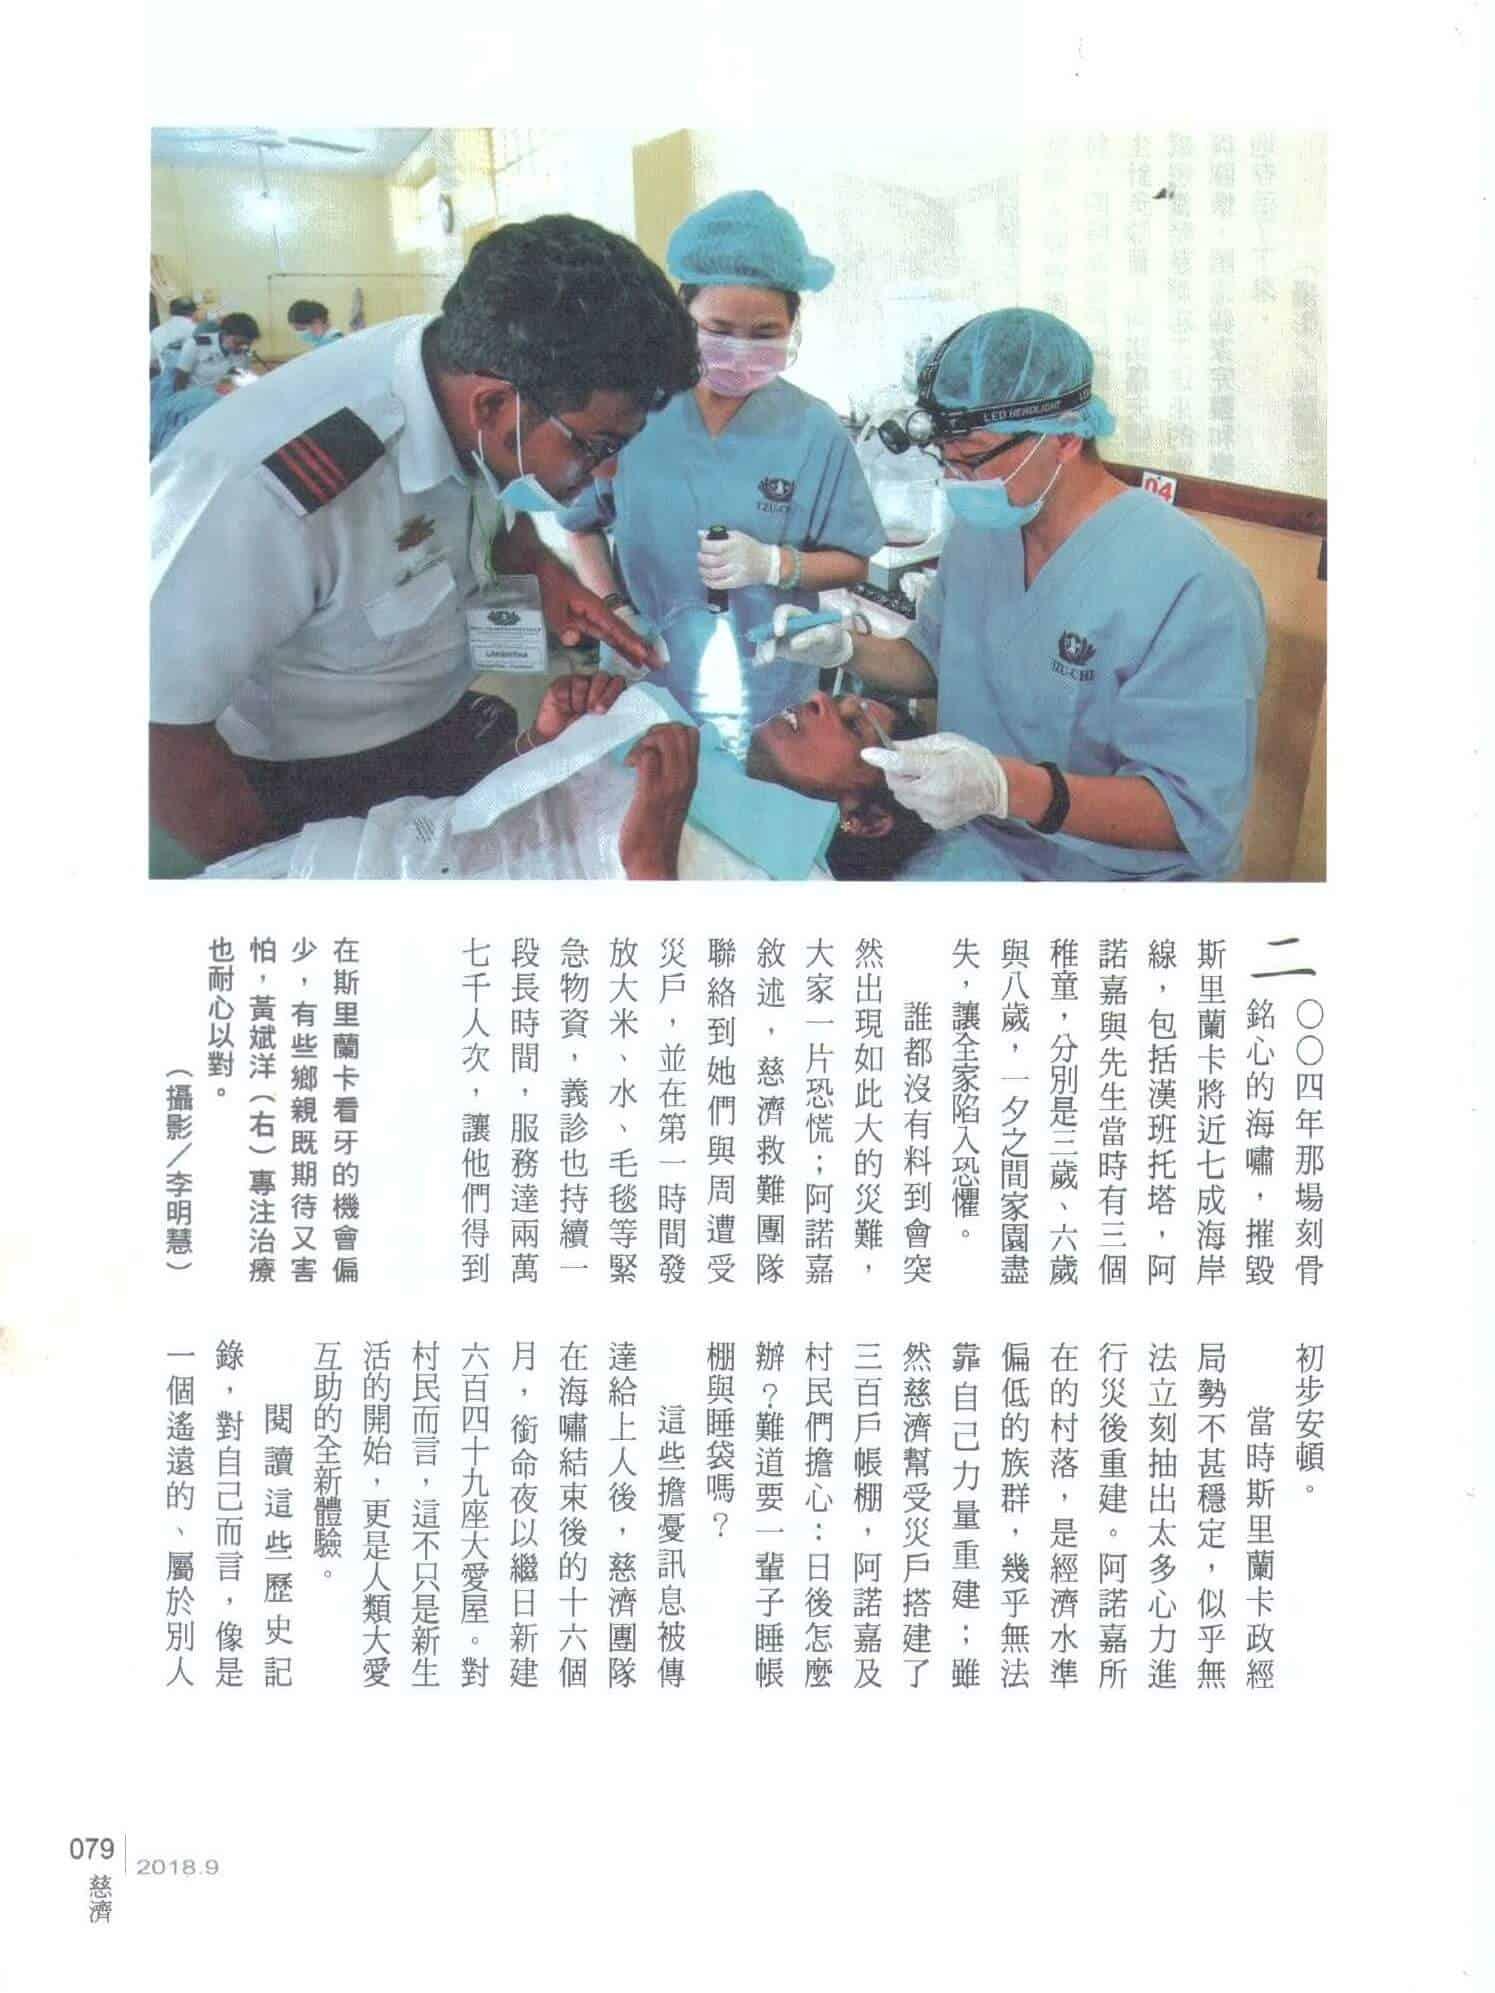 【見證奇蹟】多看一位,就賺到一位-斯里蘭卡義診-柏登牙醫人物專訪-3